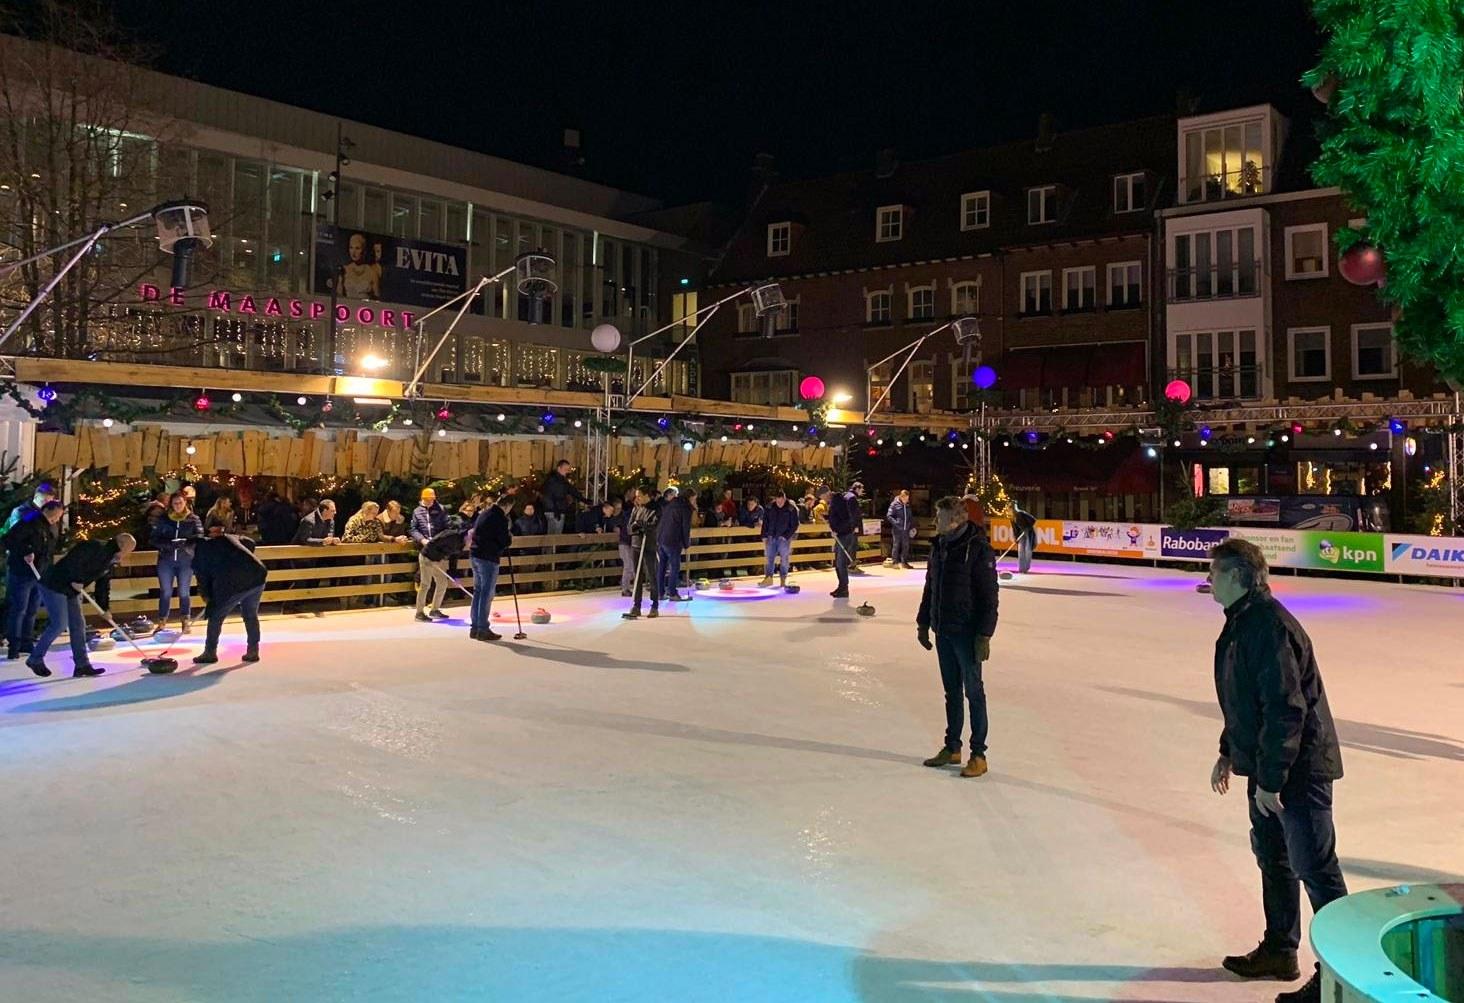 Uitslagen 2e ronde curlingcompetitie